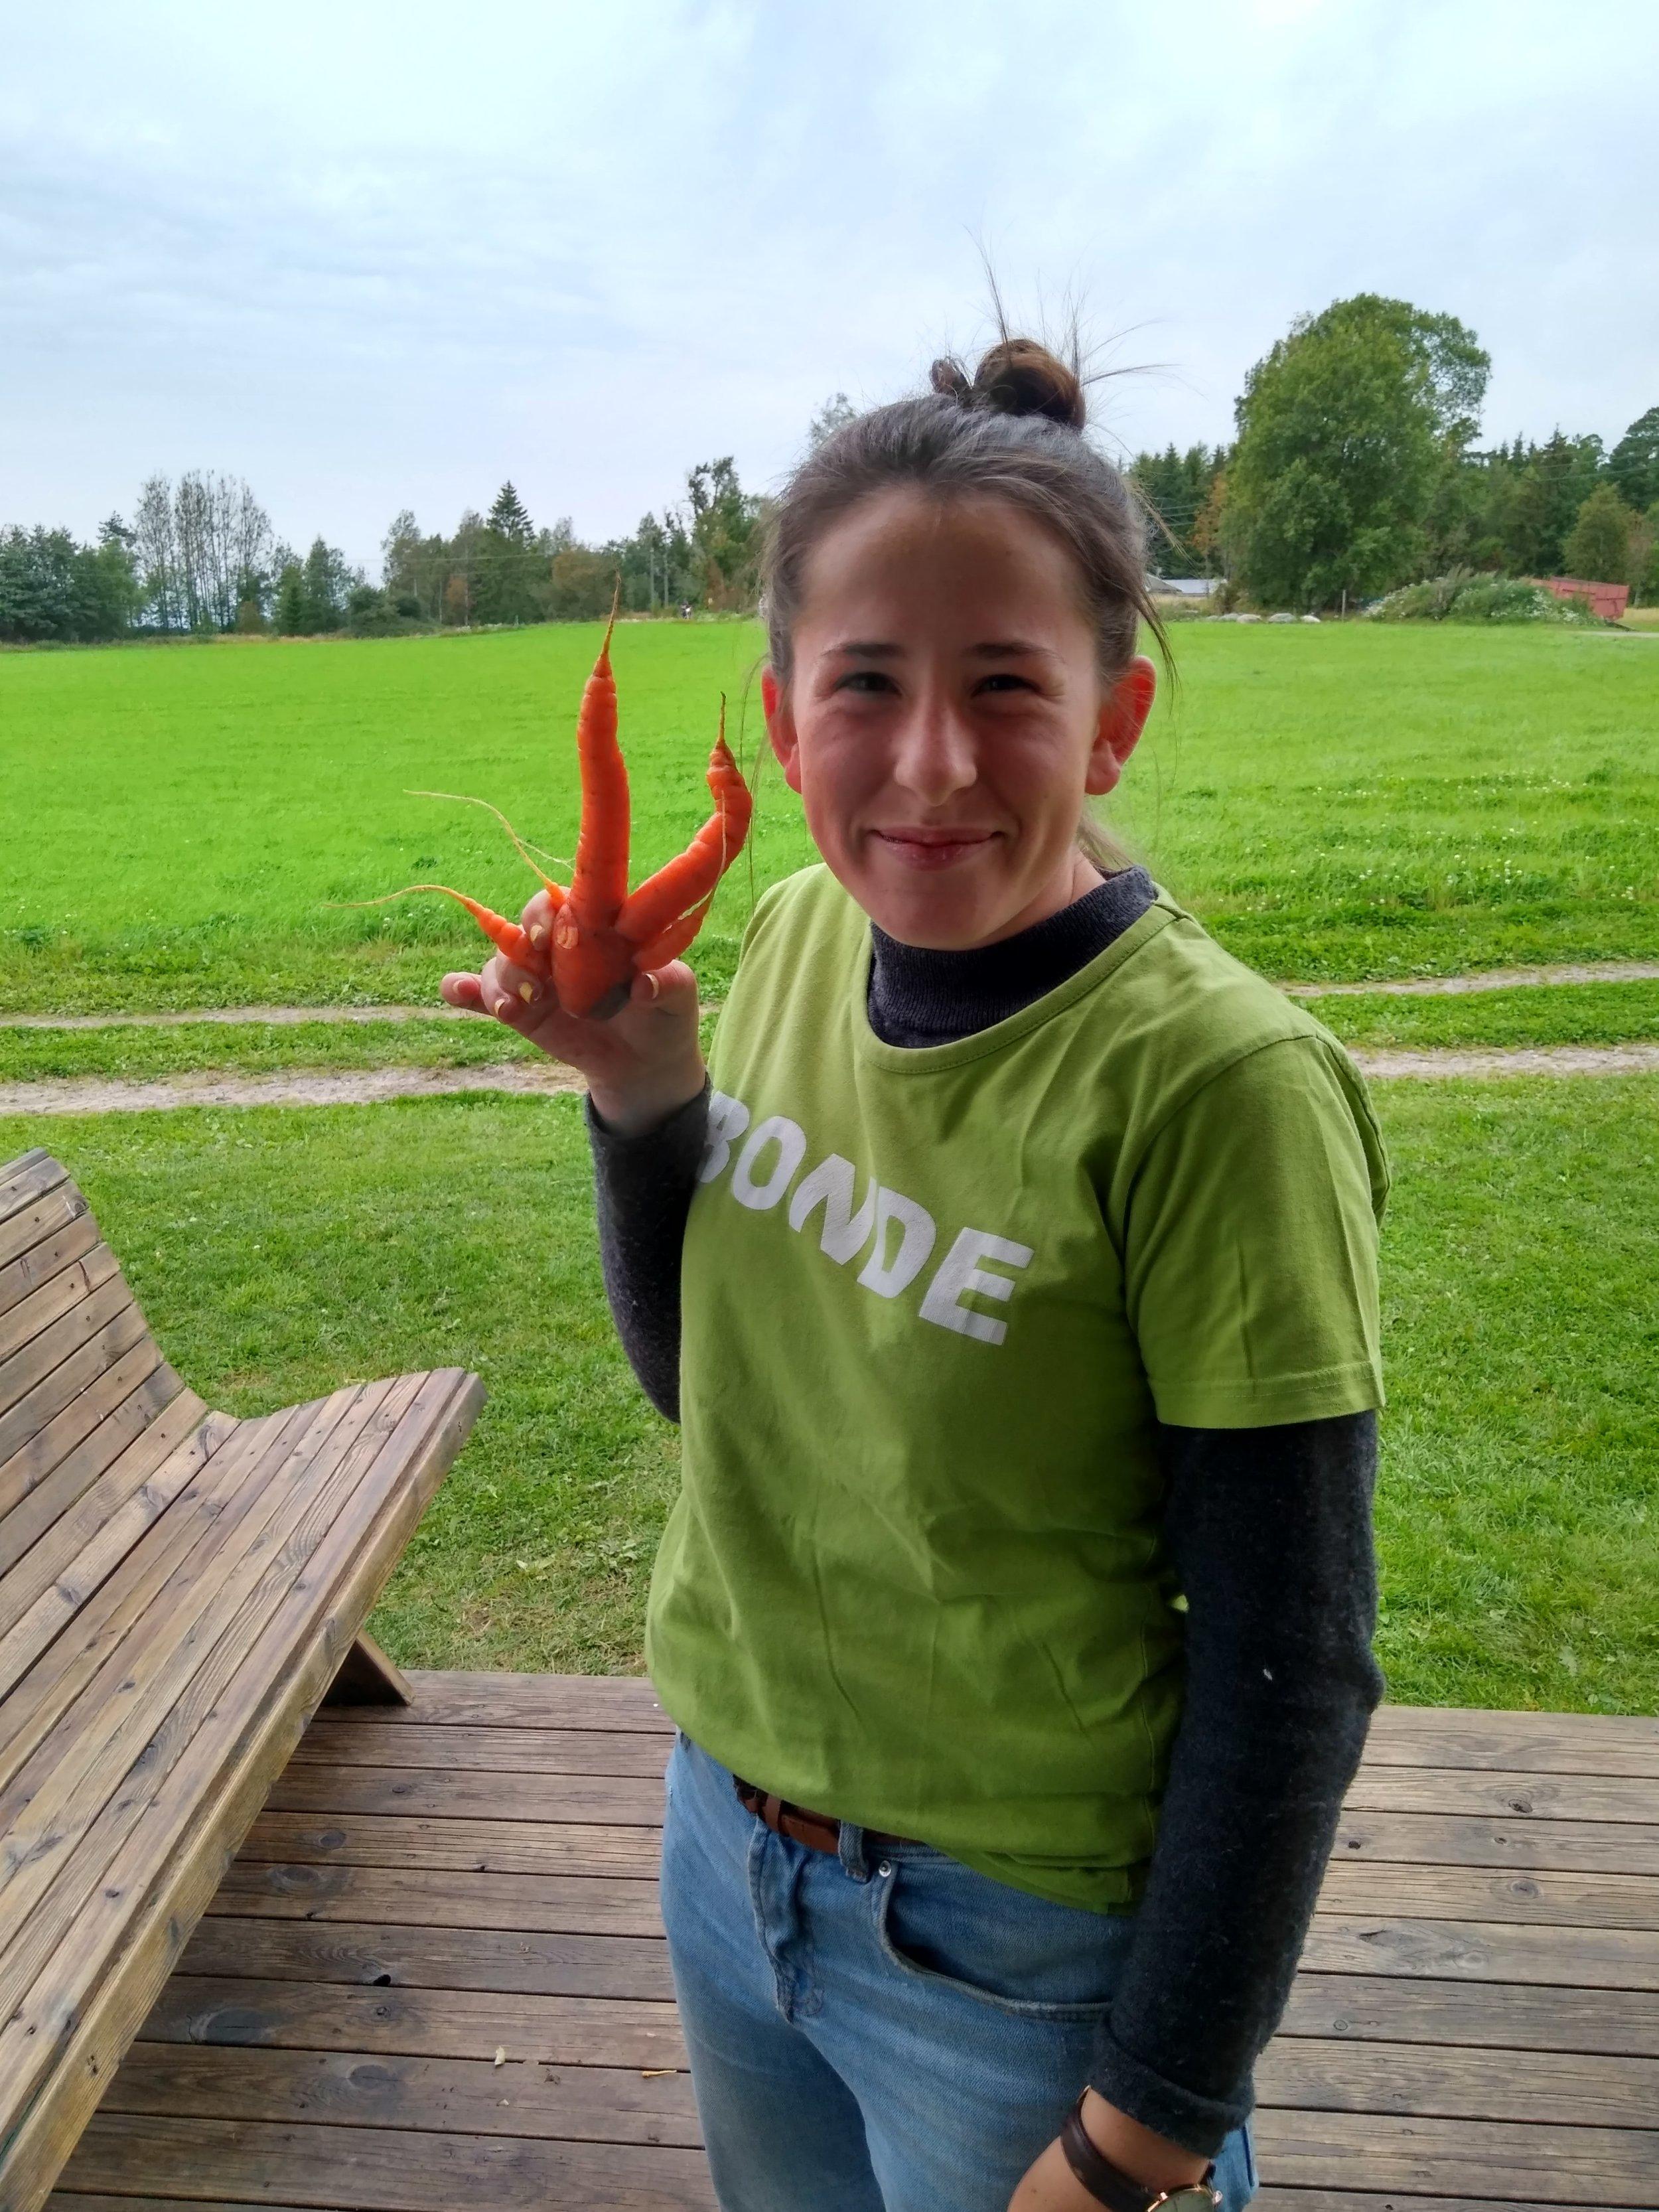 Vi kaster ikke gulrøtter fordi om der ser litt rare ut, sier Aurora